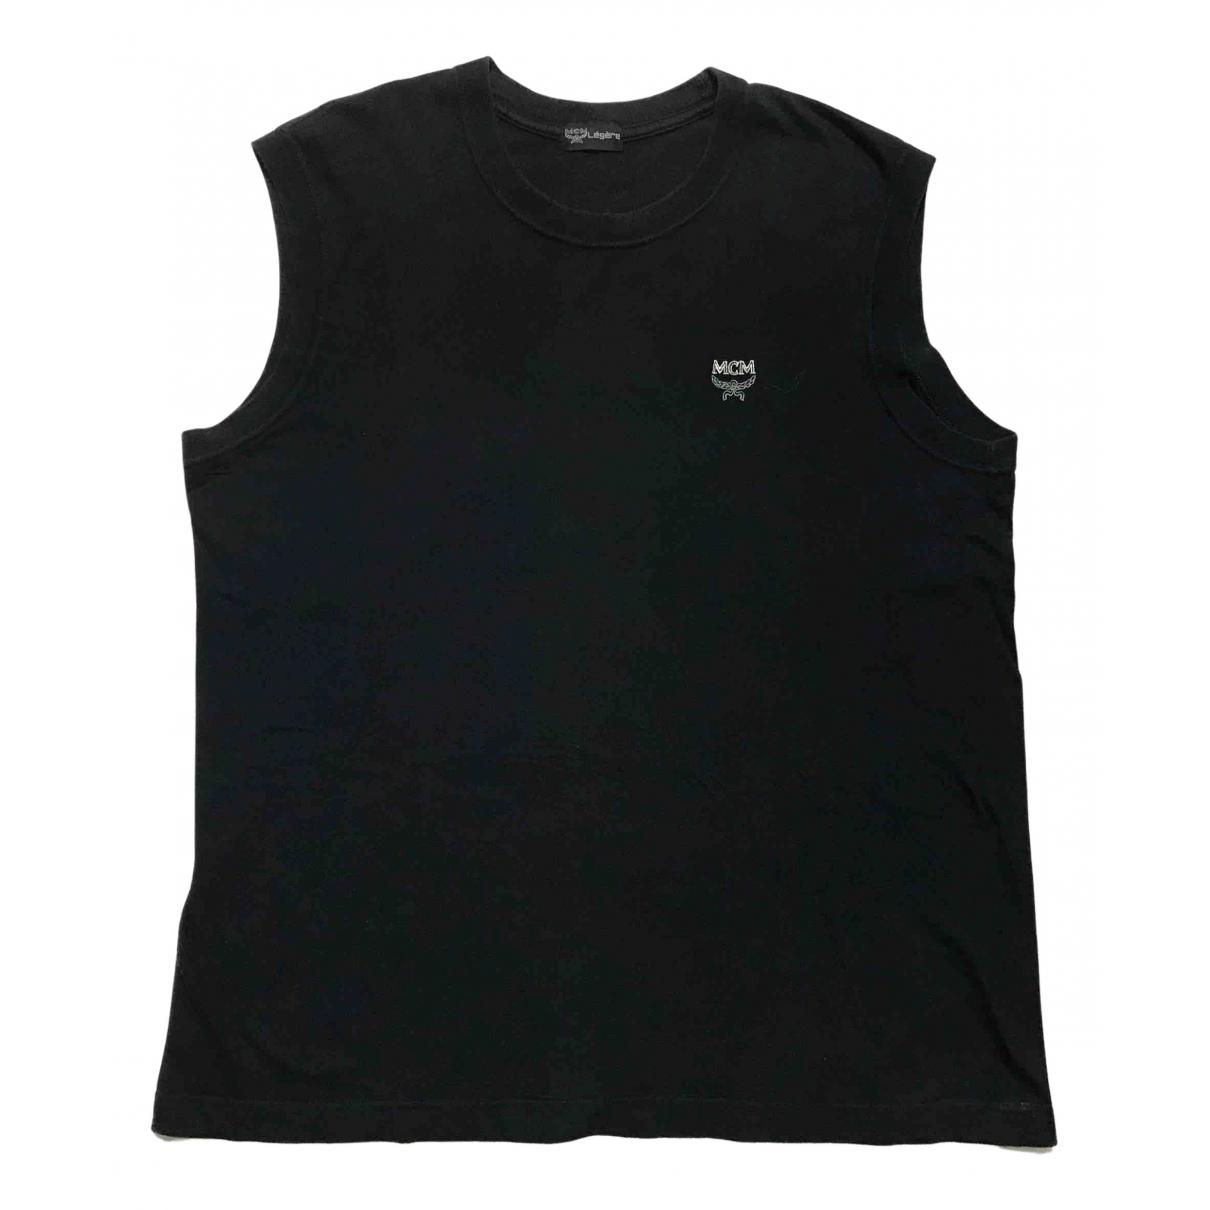 Mcm - Tee shirts   pour homme en coton - noir